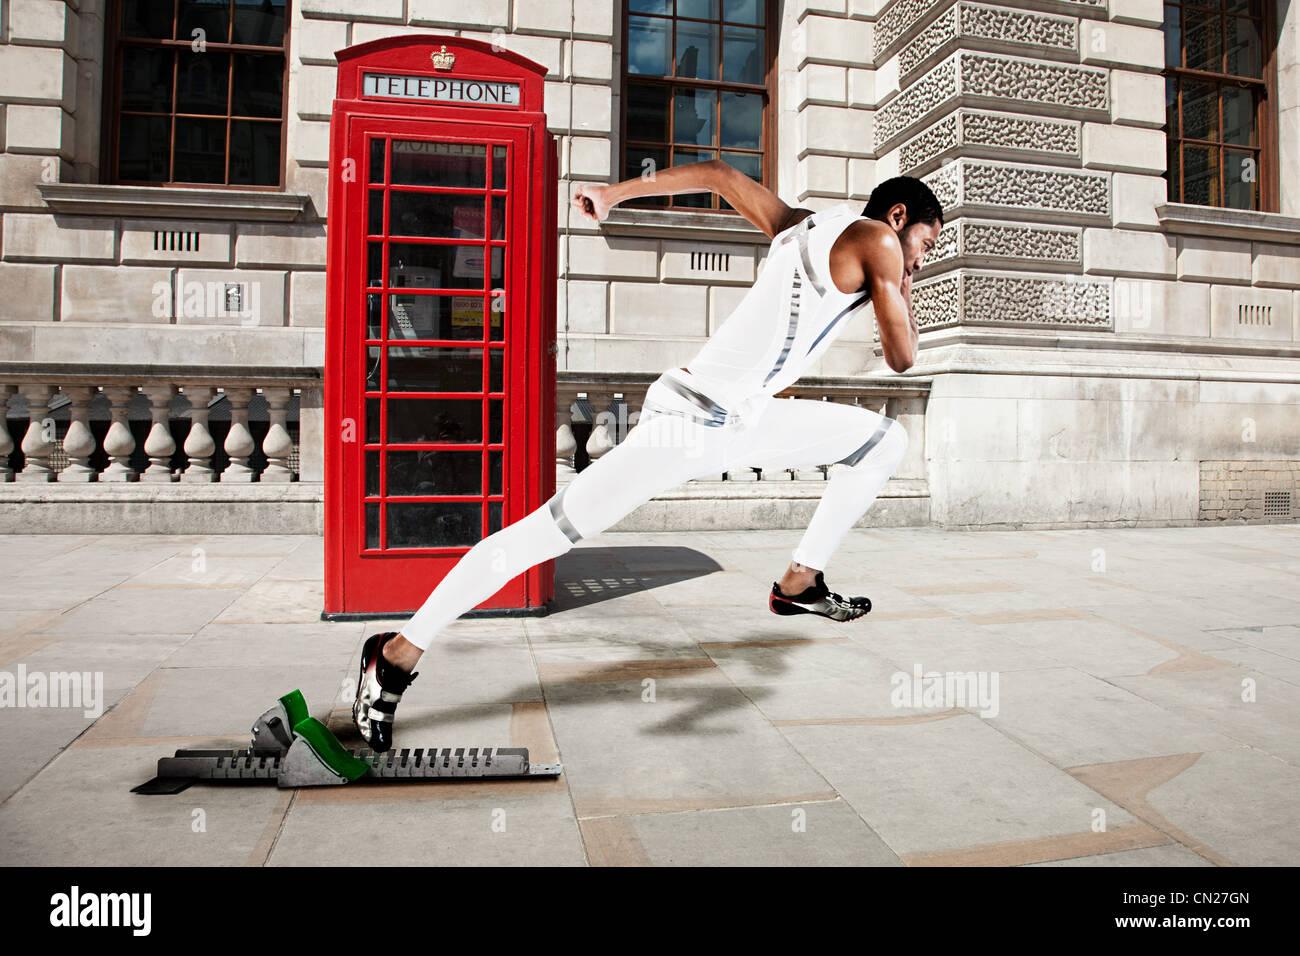 Sprinter olympique sur la ligne de départ avec téléphone rouge fort en arrière-plan Photo Stock